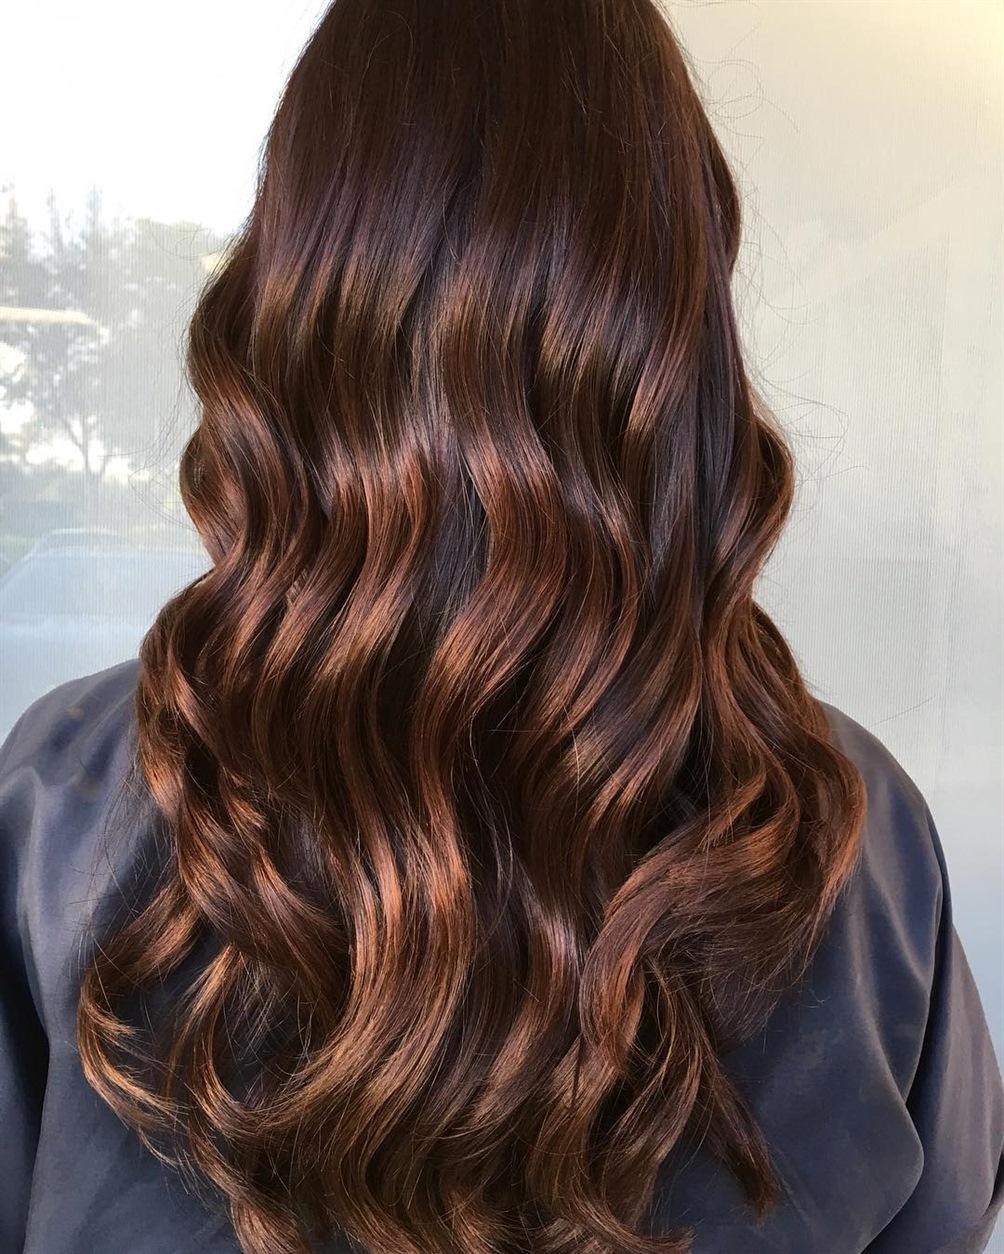 Frisuren 2021 Frauen Braun